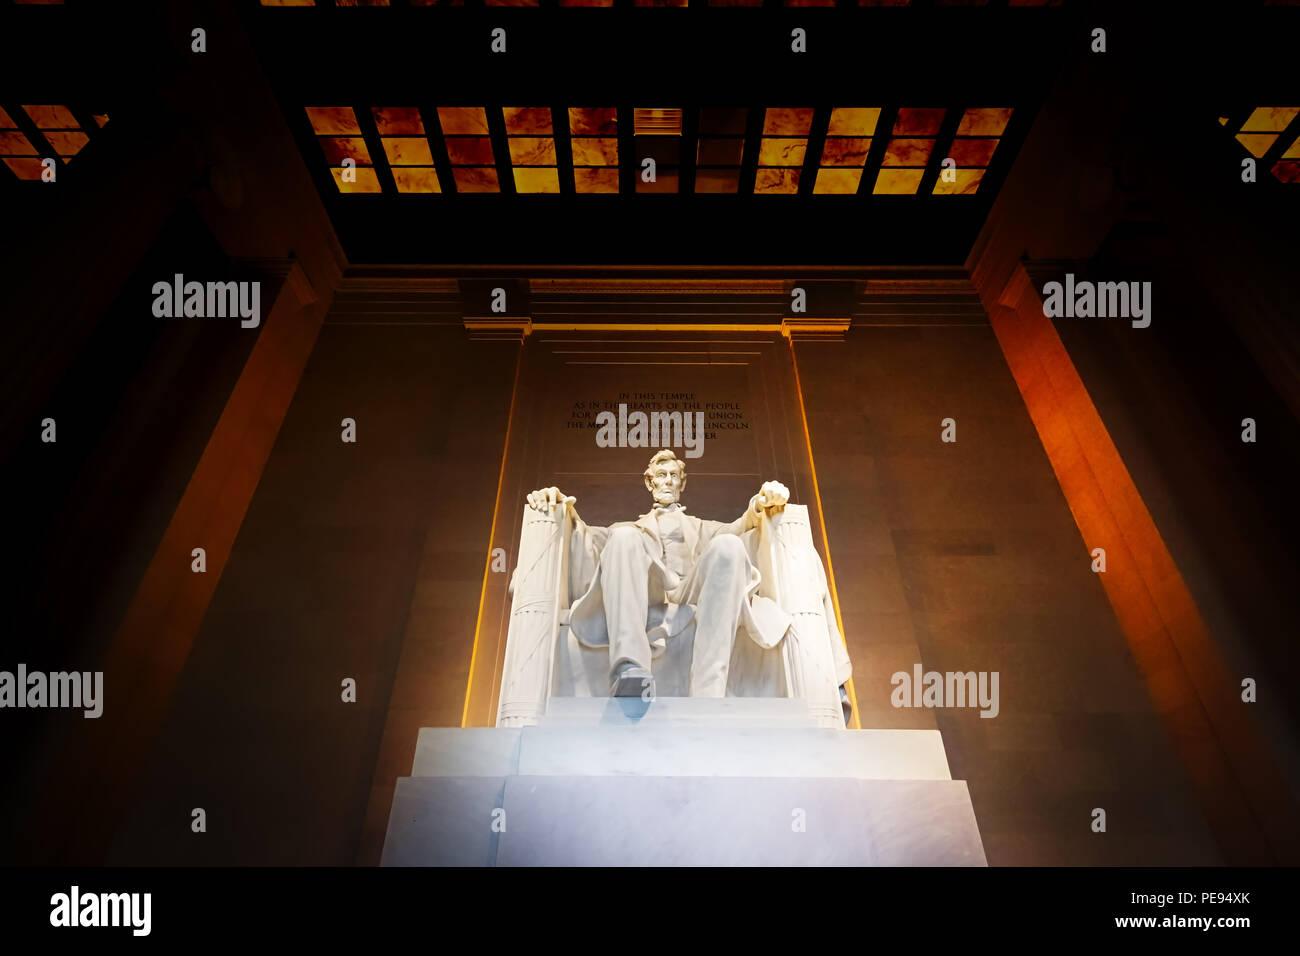 Por la noche el Lincoln Memorial en Washington DC. Imagen De Stock